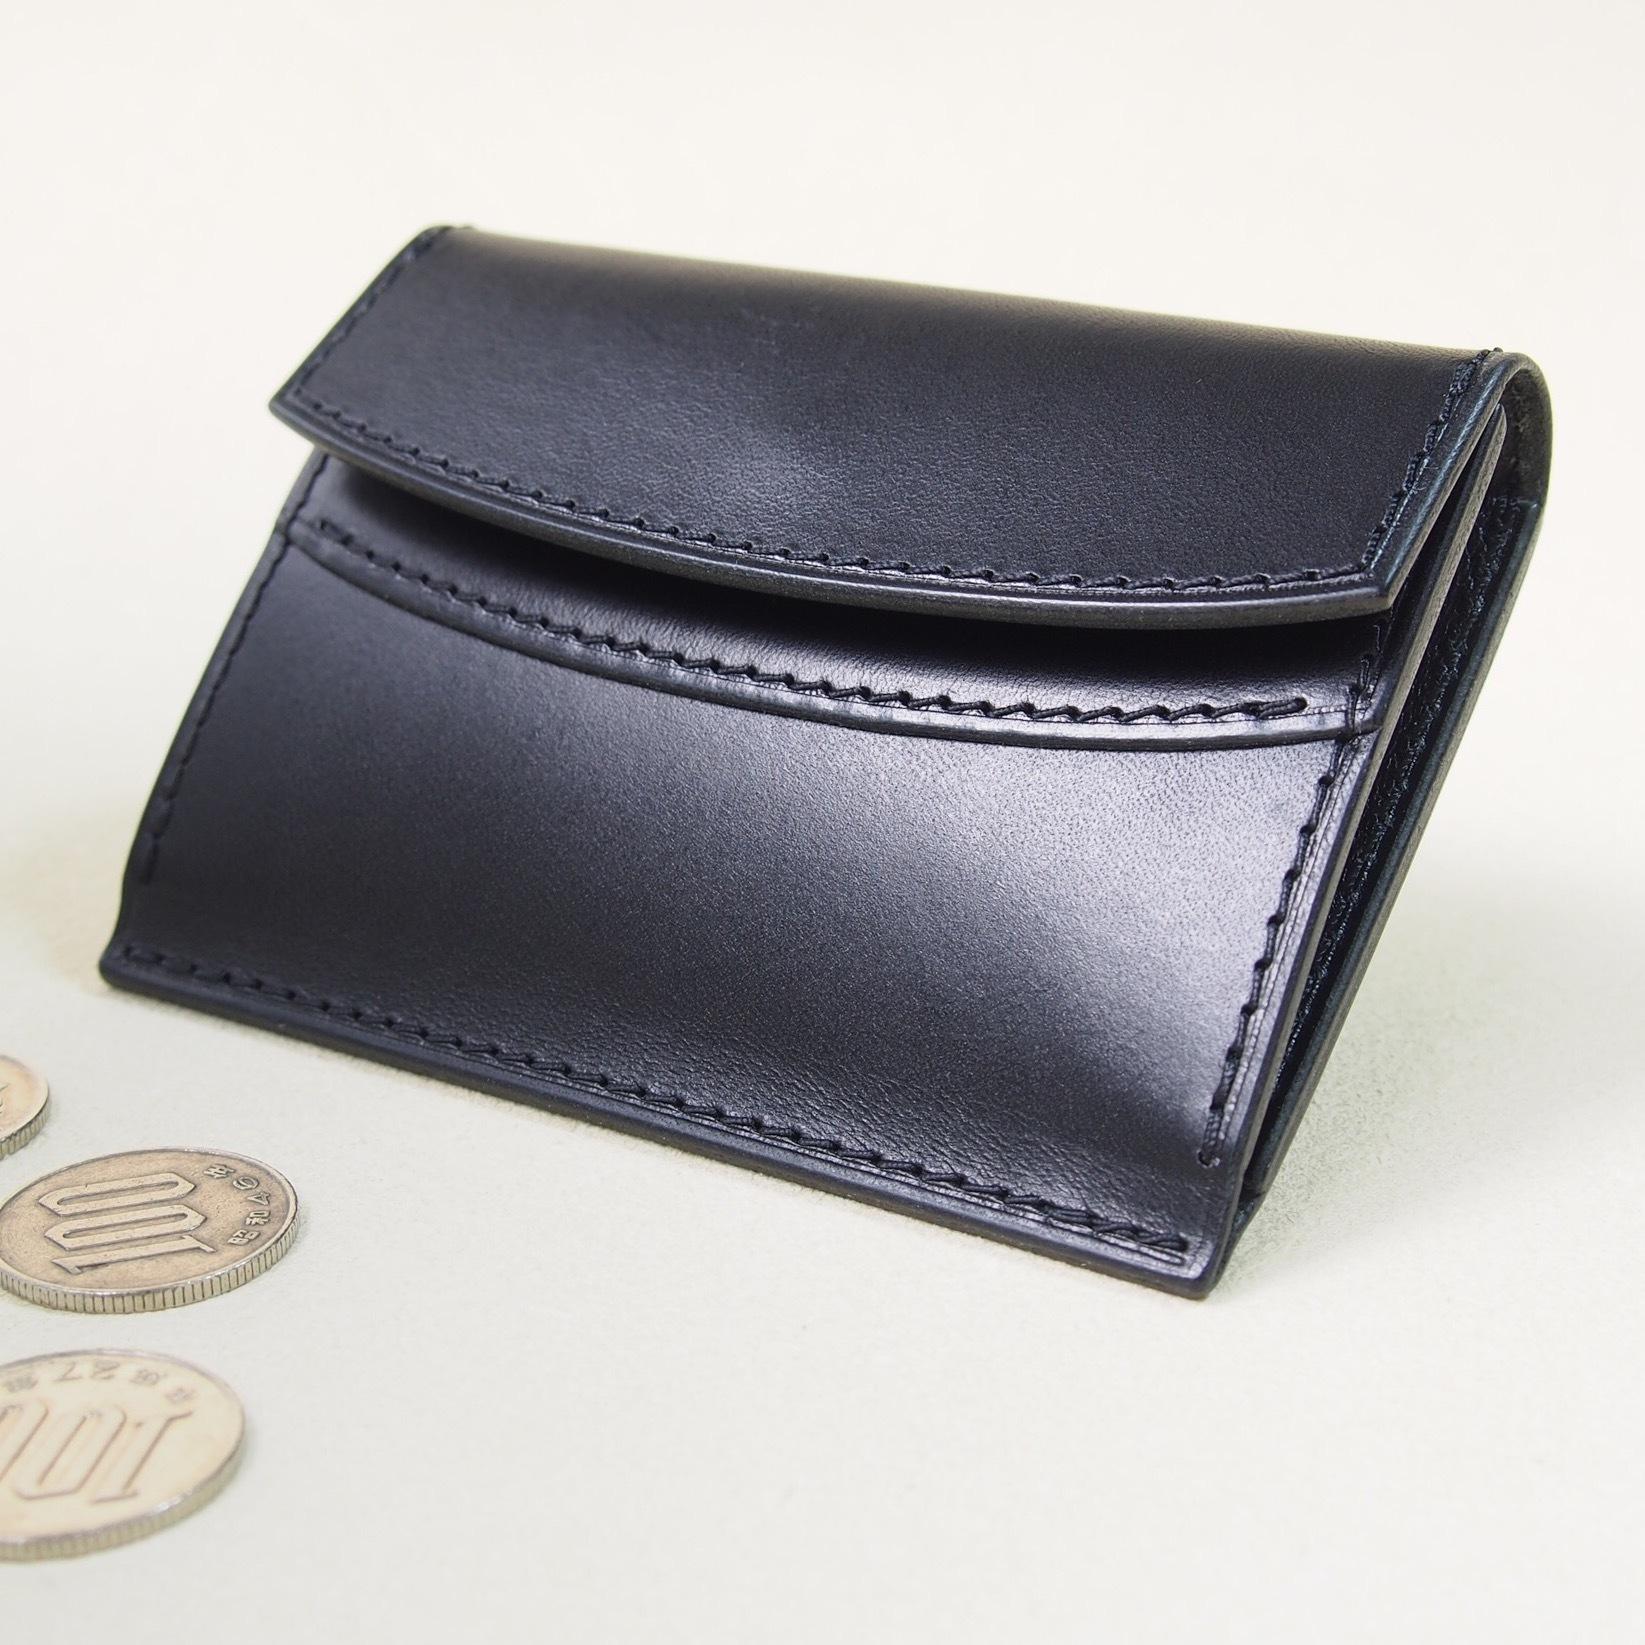 お財布みたいなコインケース#ブラック